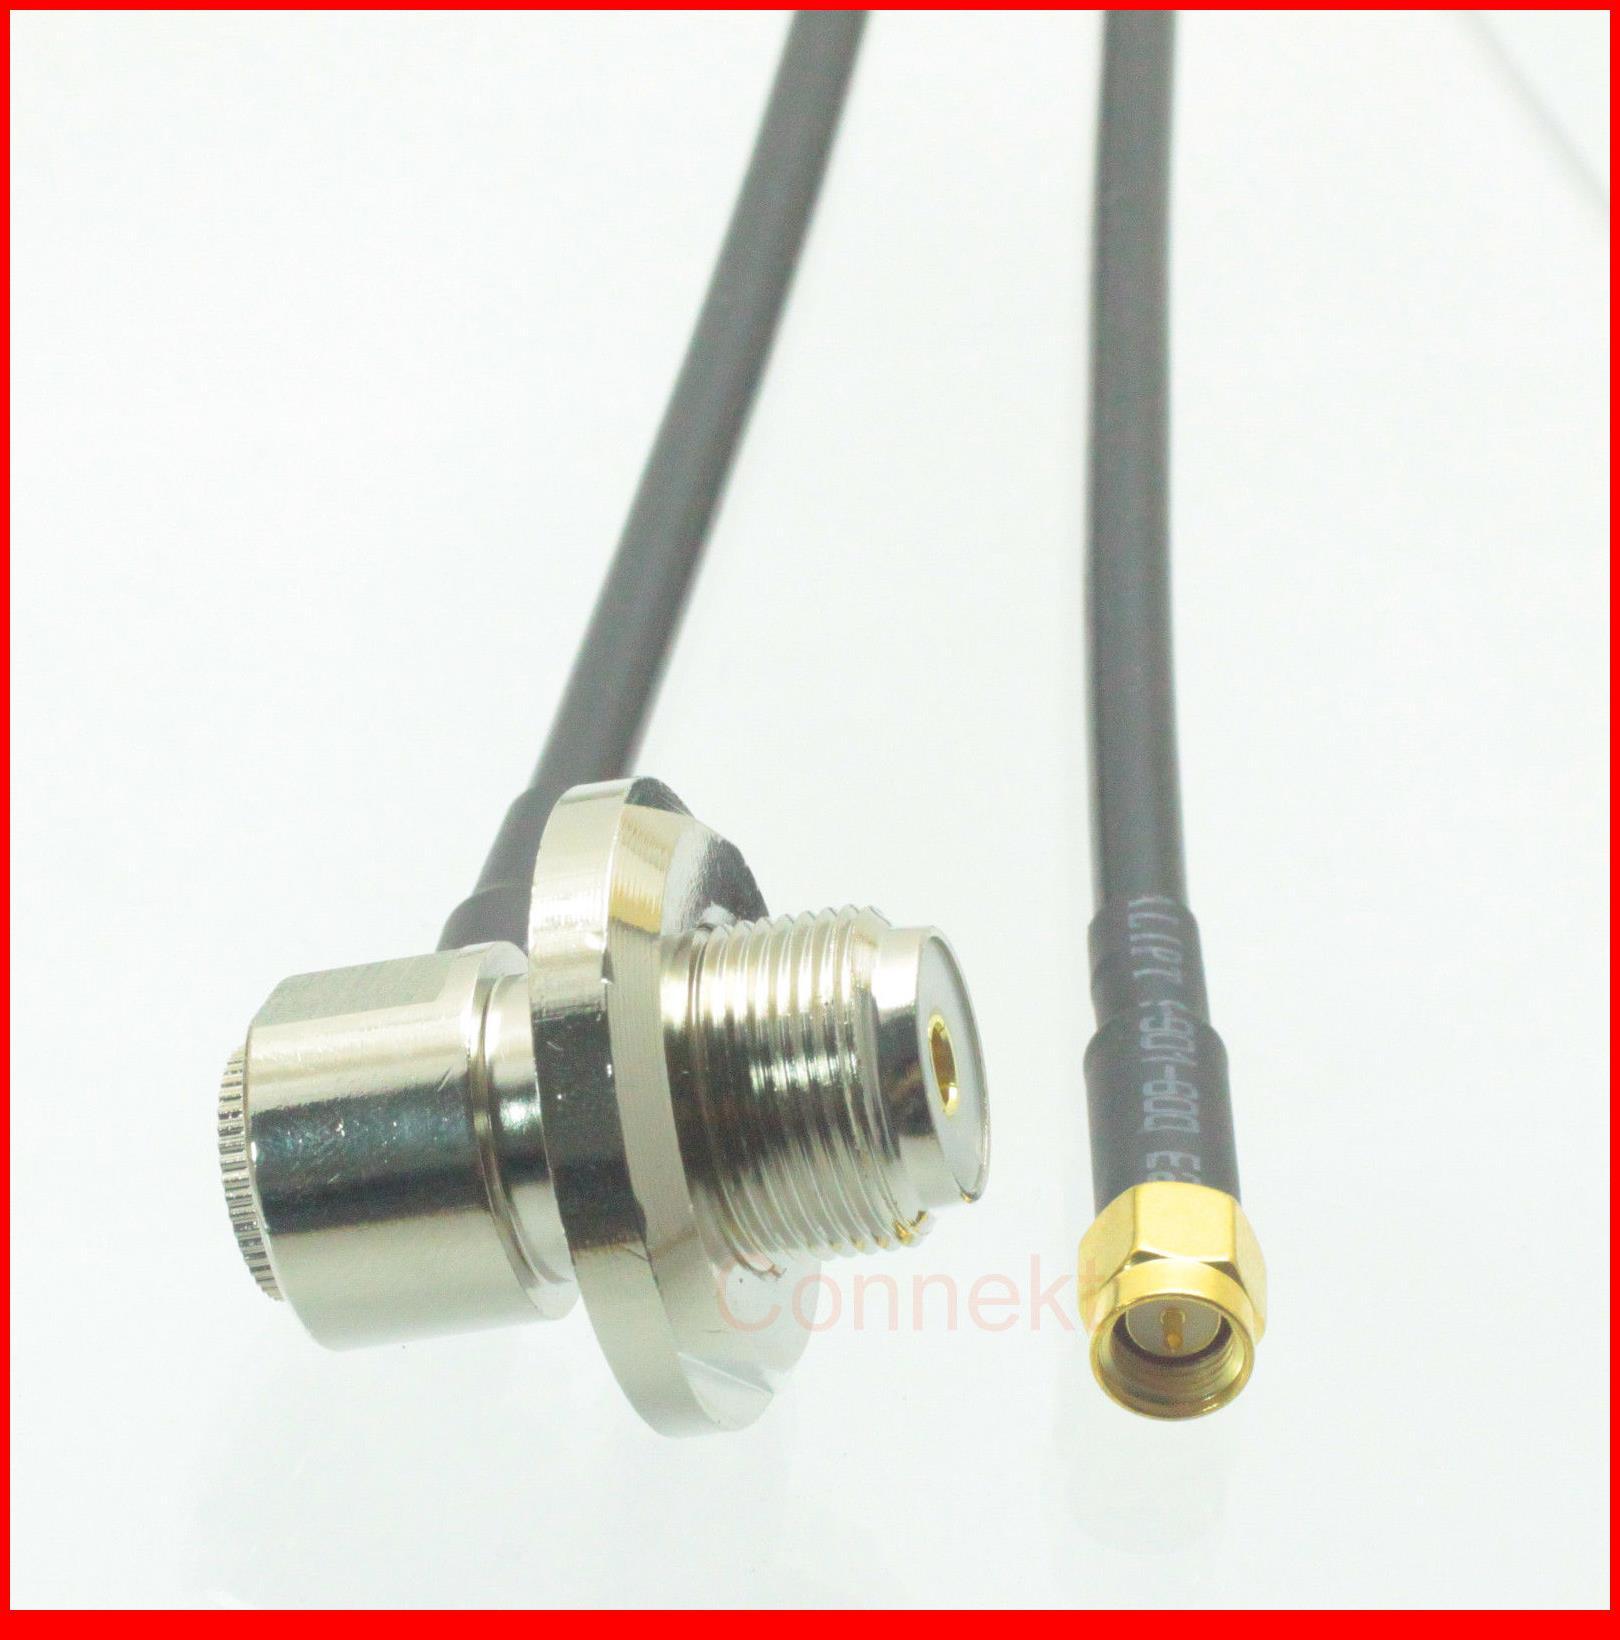 5 قطعة/الوحدة SMA التوصيل إلى SO239 VHF UHF أنثى جاك 90 درجة ل راديو السيارة هوائي RG58 كابل 10FT